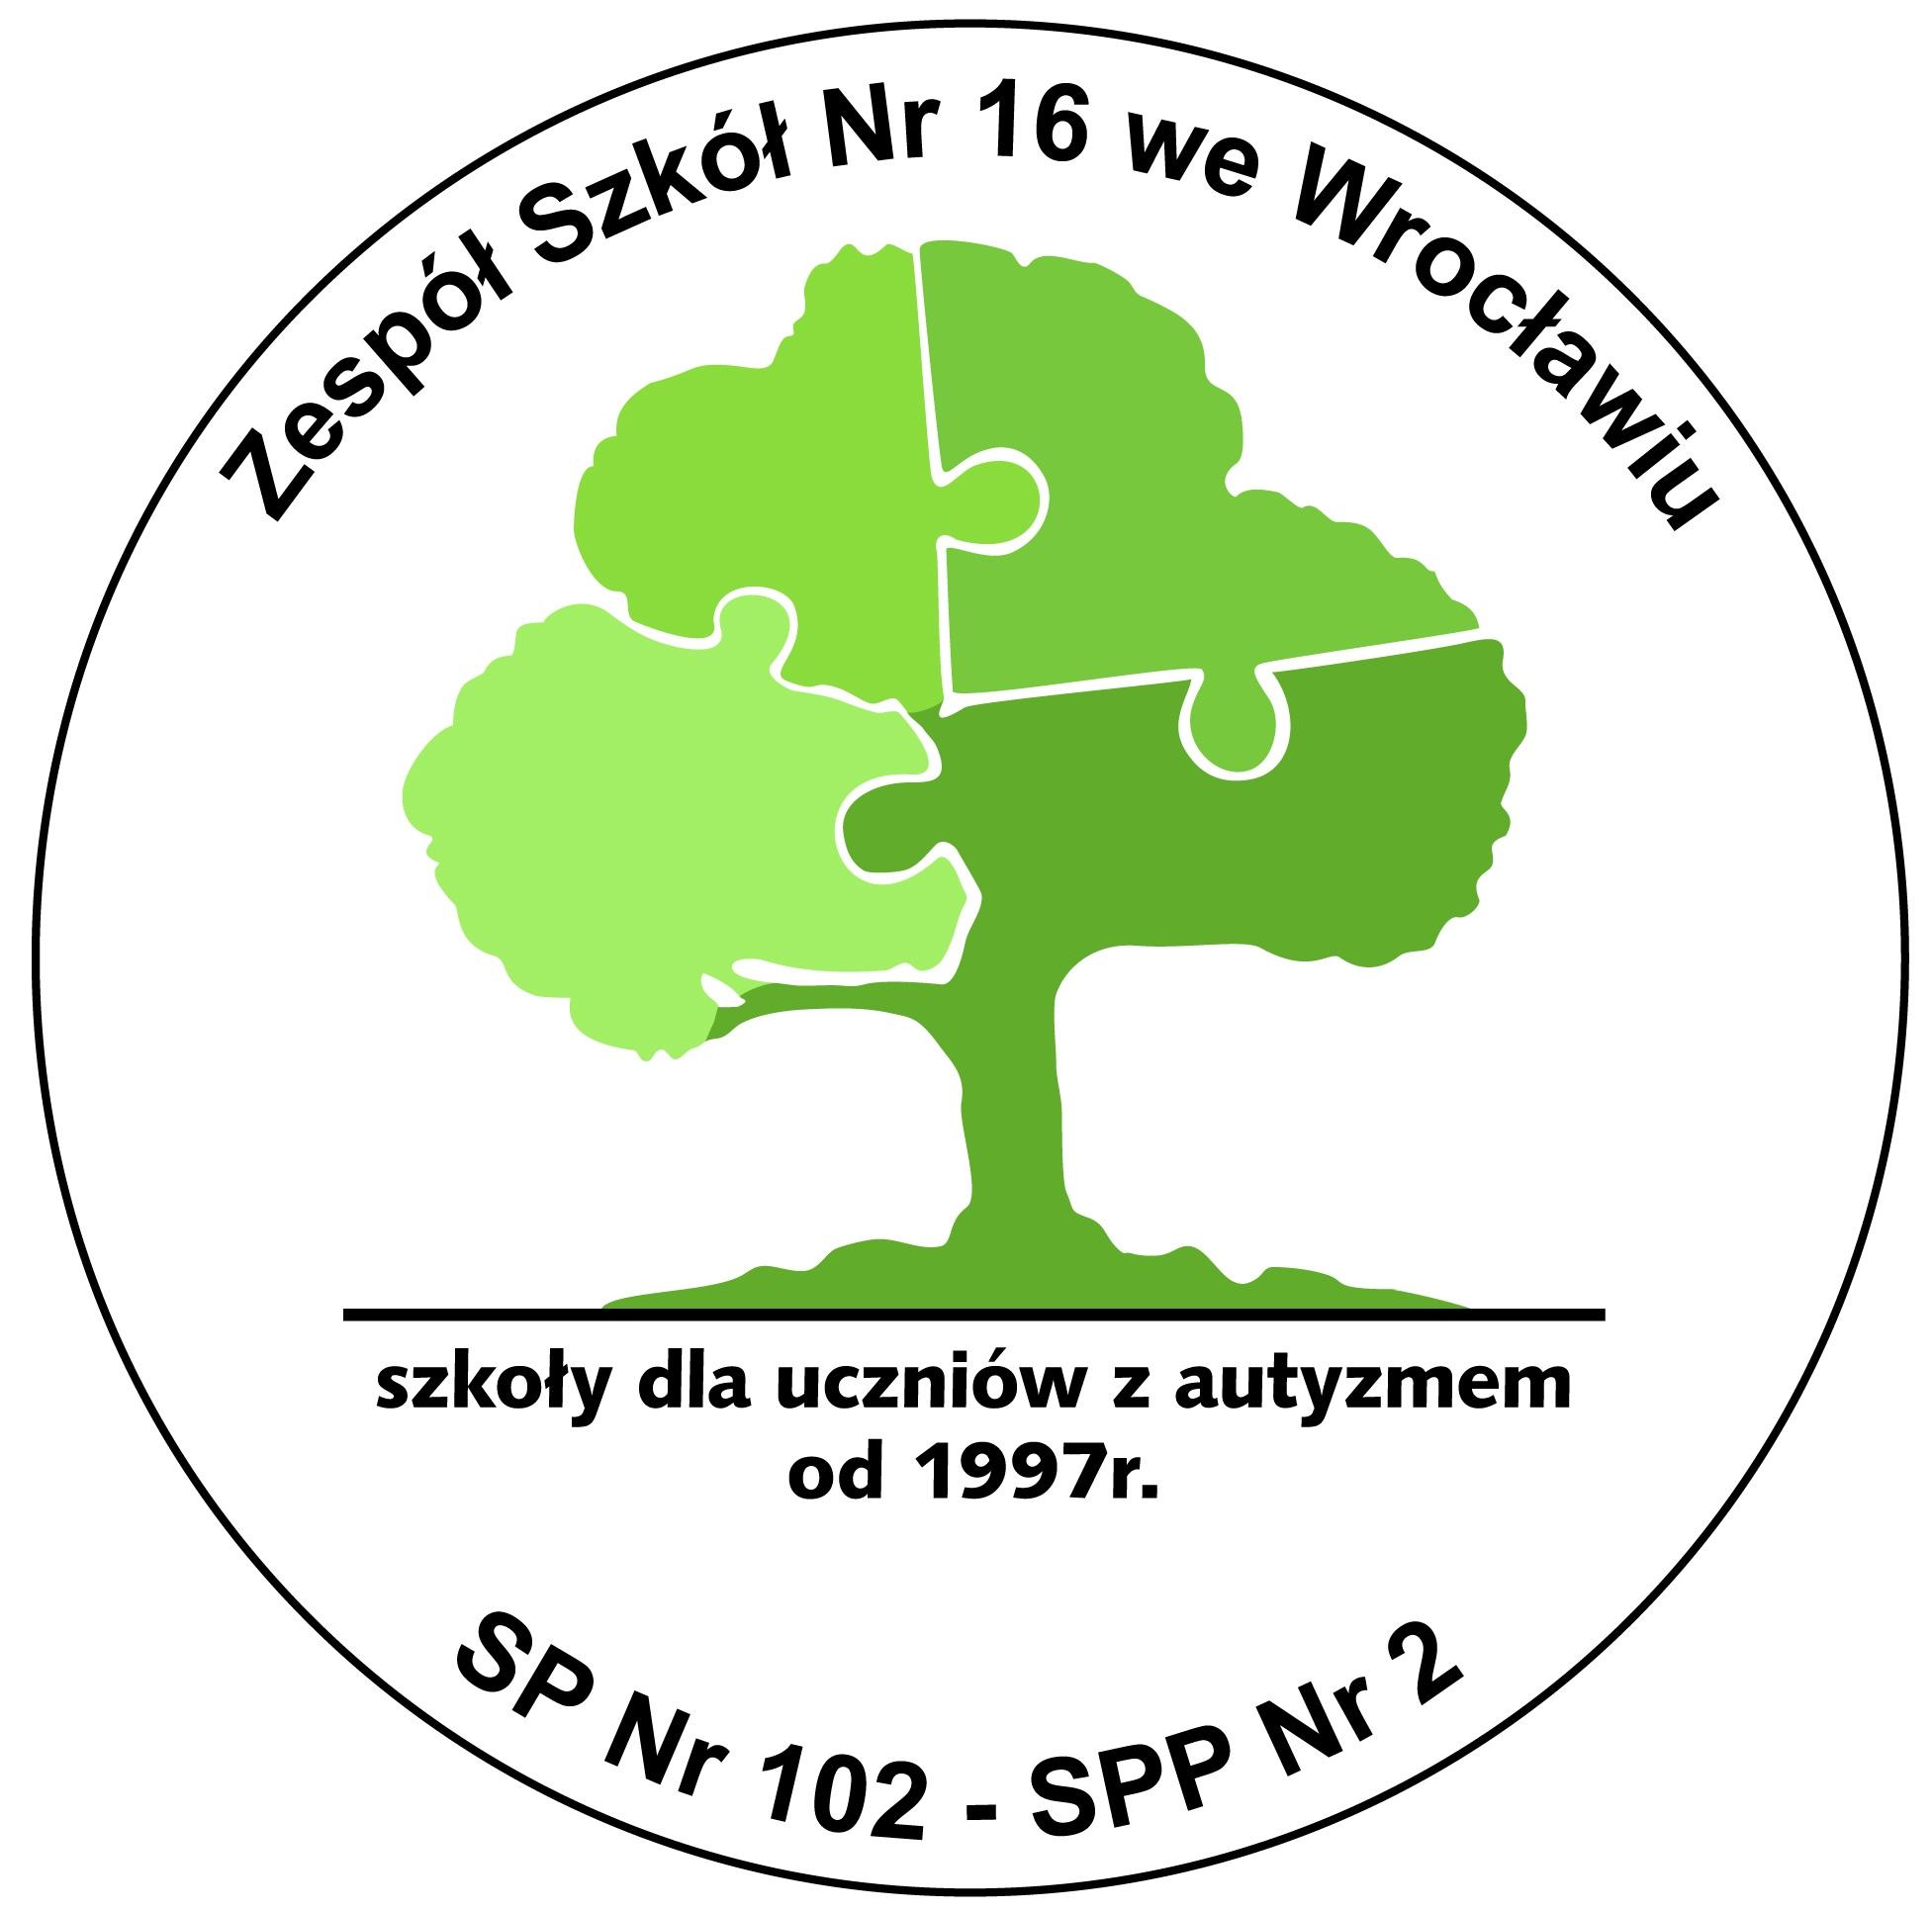 Zespół Szkół Nr 16 we Wrocławiu